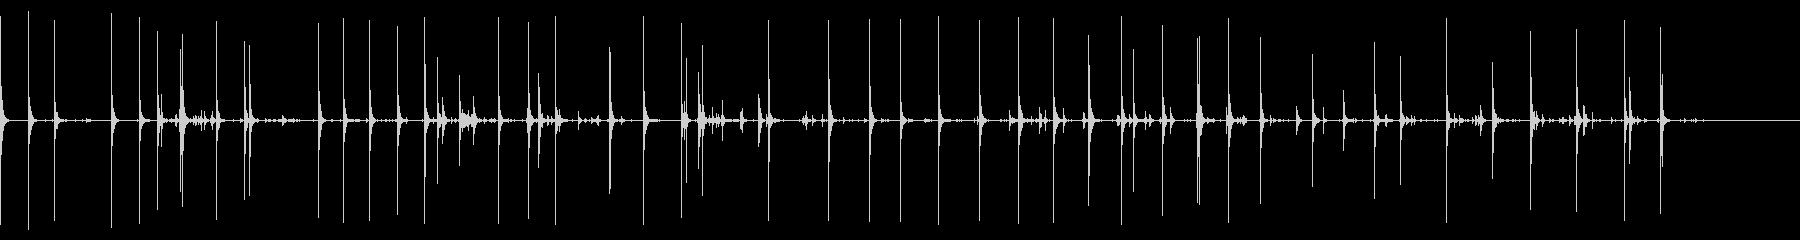 チゼルハンマーブリックストーンフォ...の未再生の波形